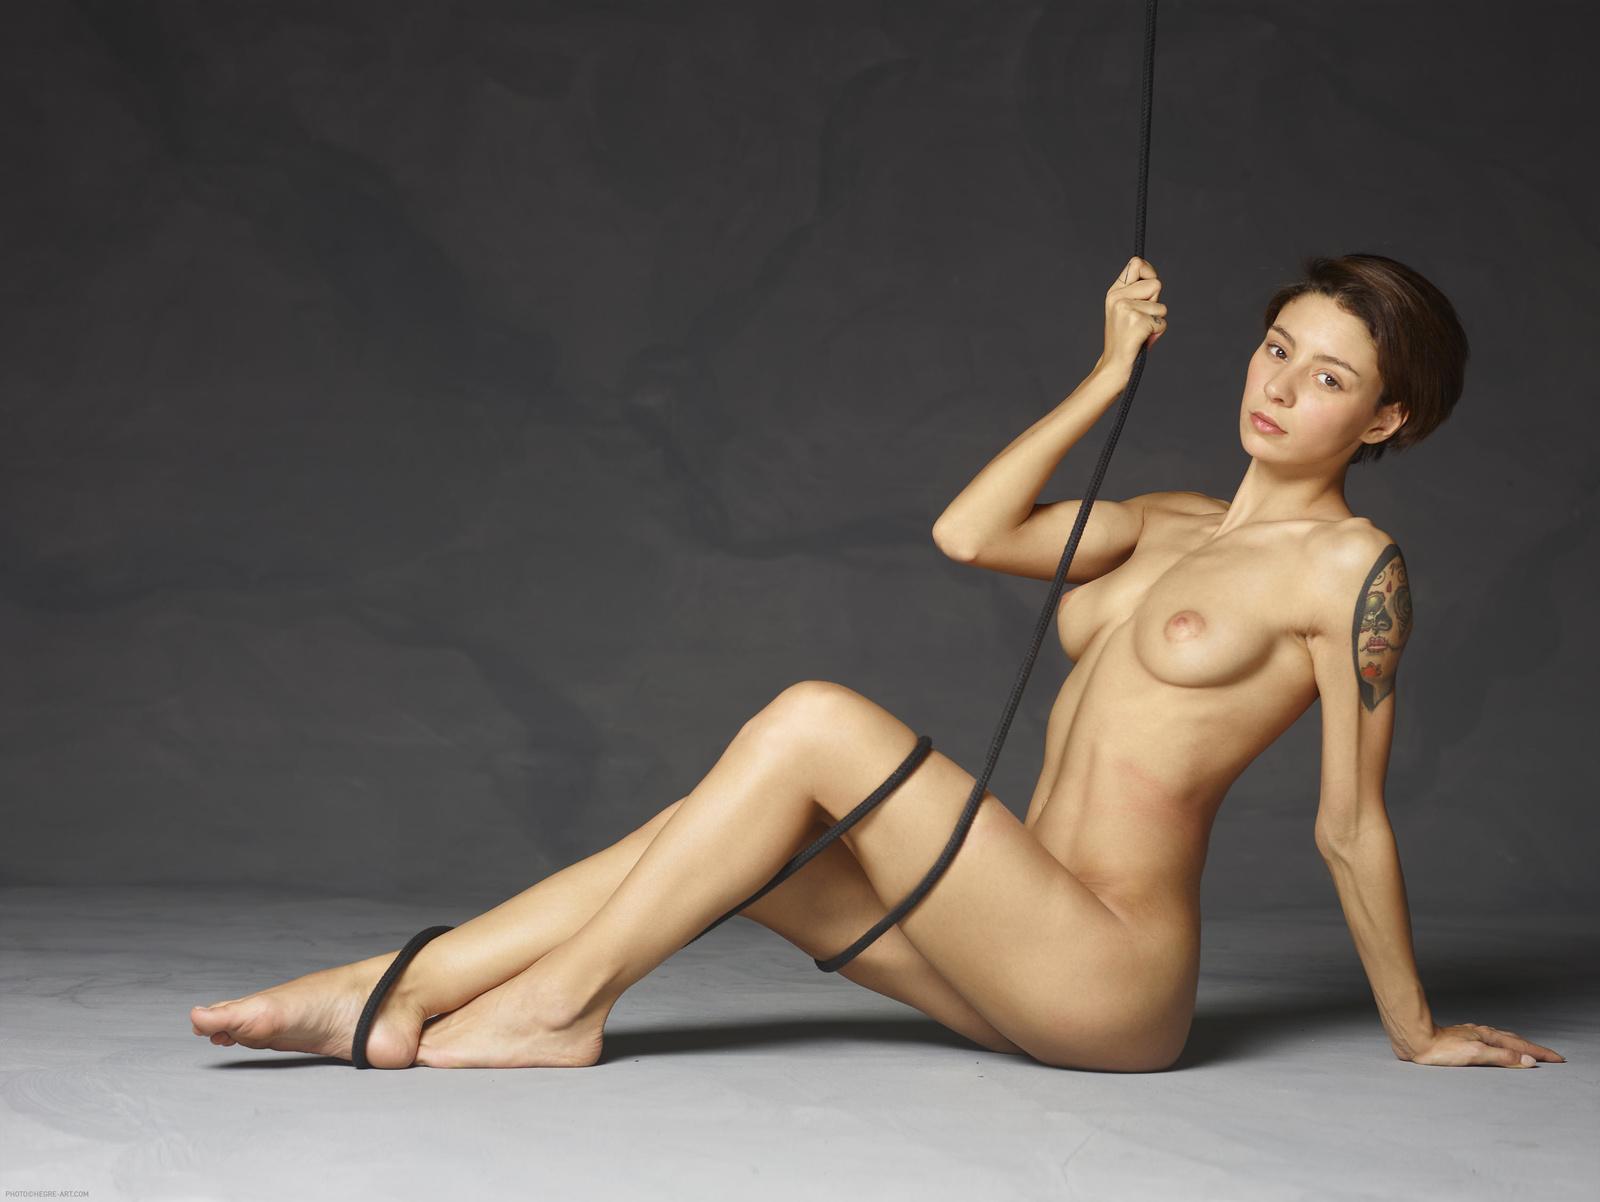 Zdjęcie porno - 1411 - Wygimnastykowana kobieta